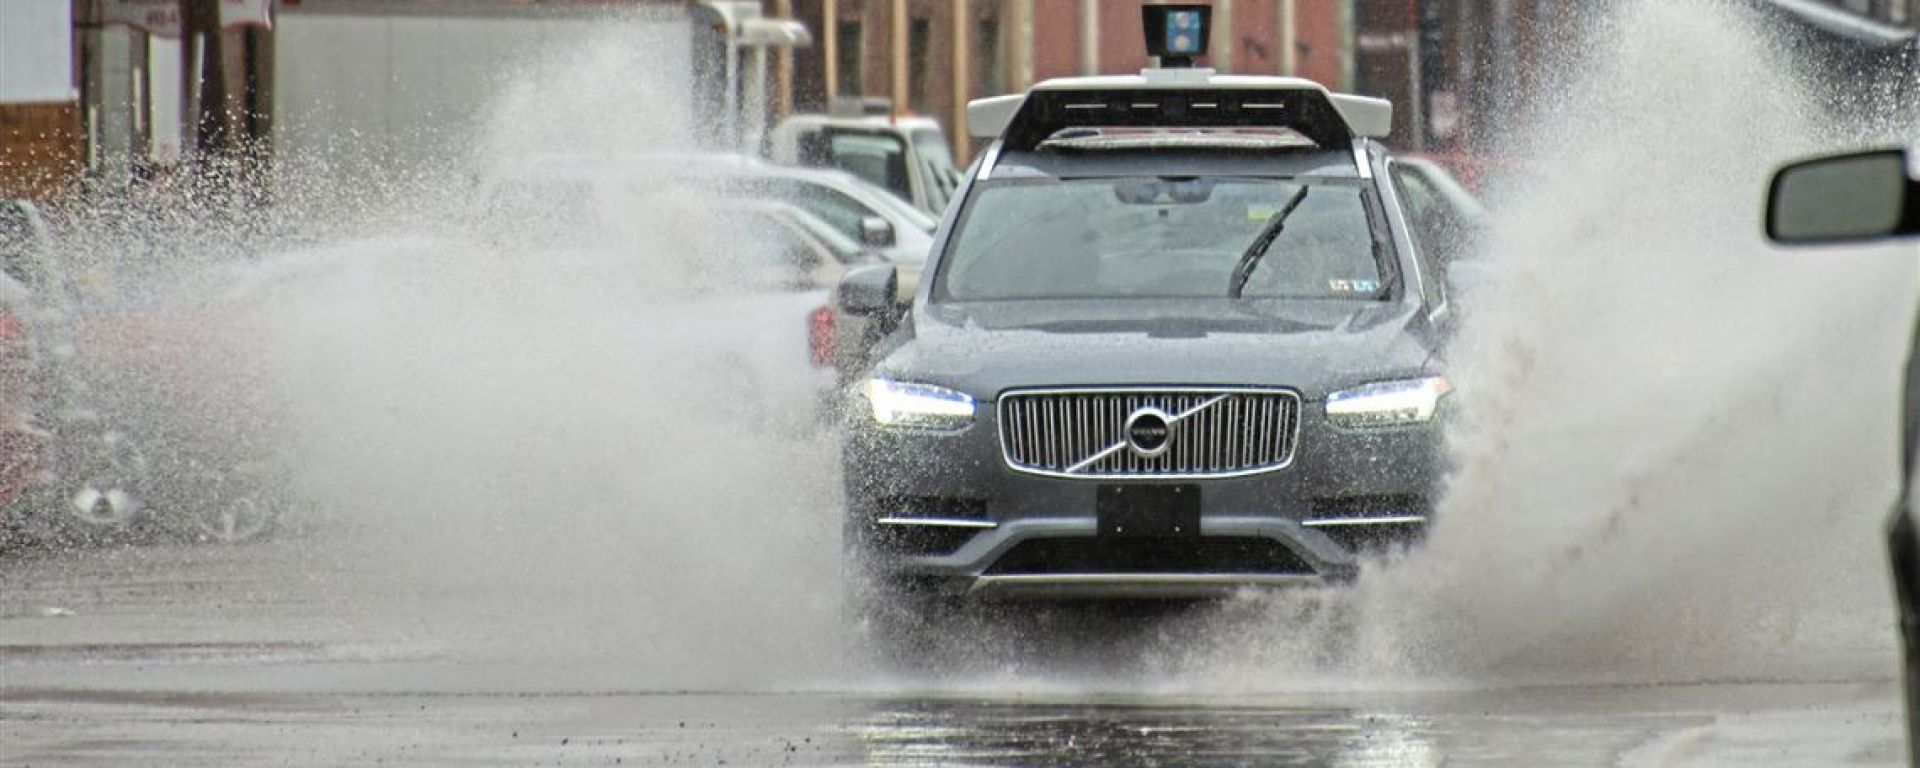 Auto a guida autonoma, la pioggia il suo peggior nemico